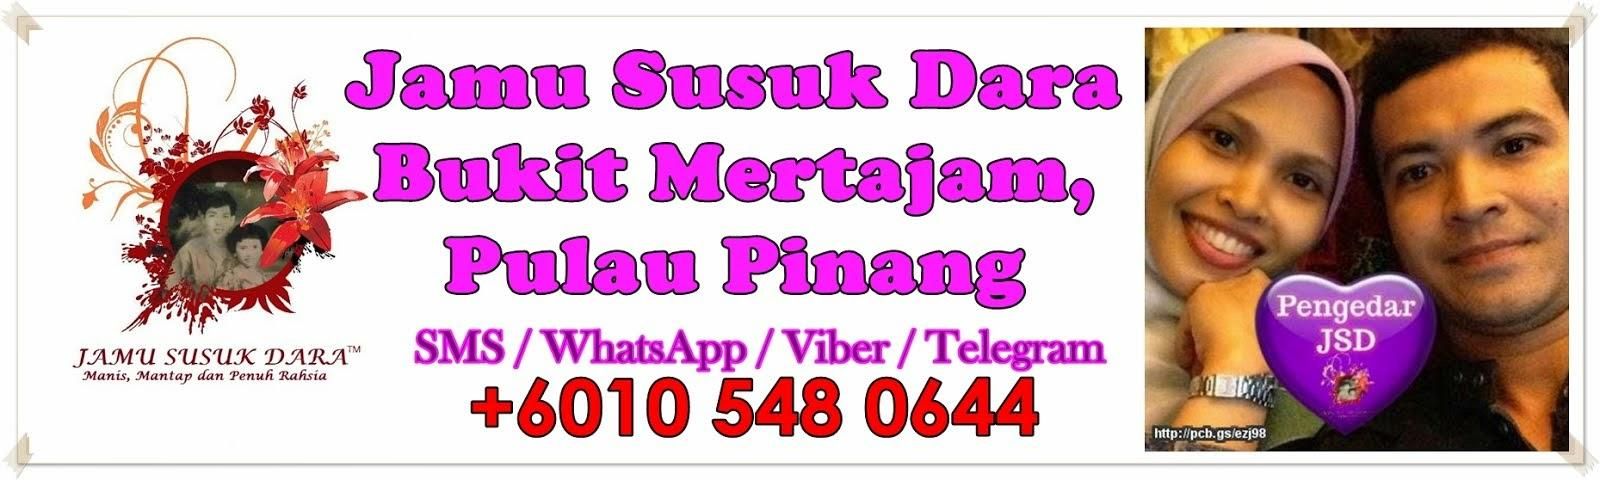 Jamu Susuk Dara, Bukit Mertajam, Pulau Pinang